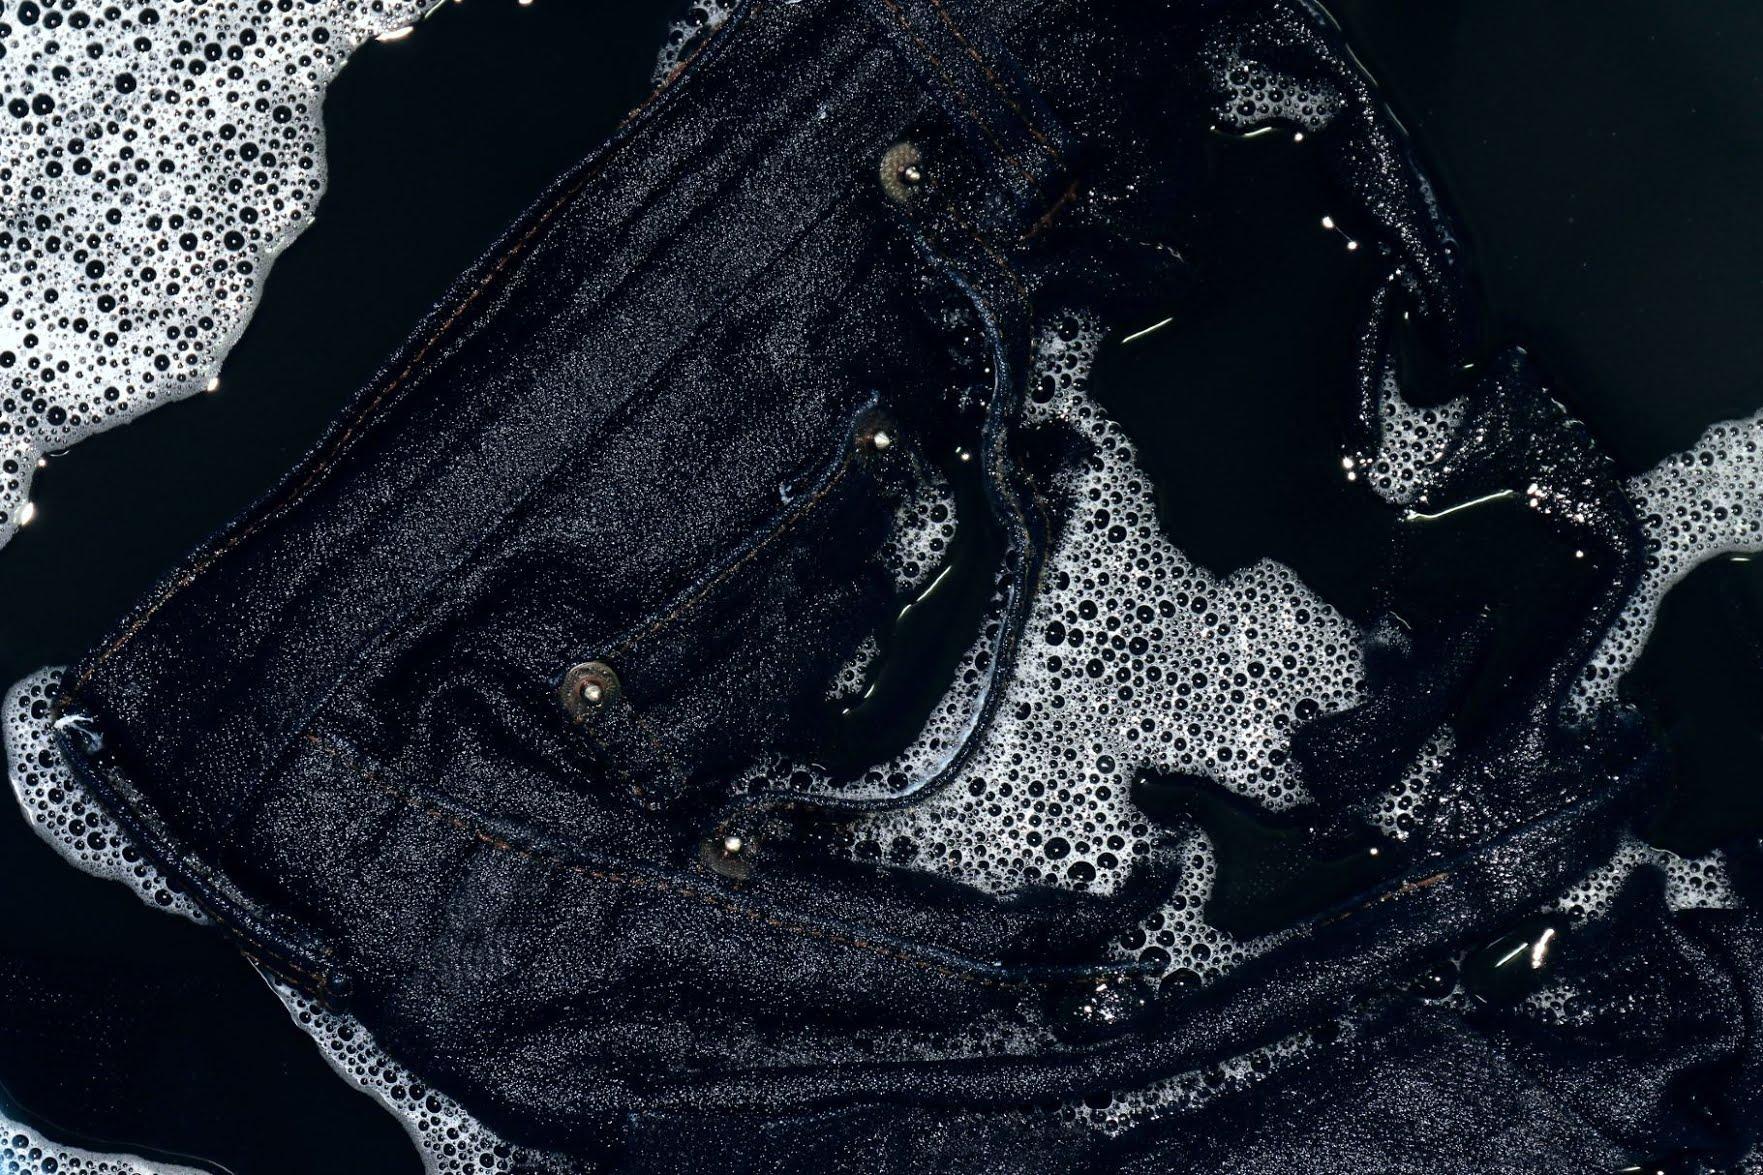 Faire rétrécir un jean dans l'eau chaude